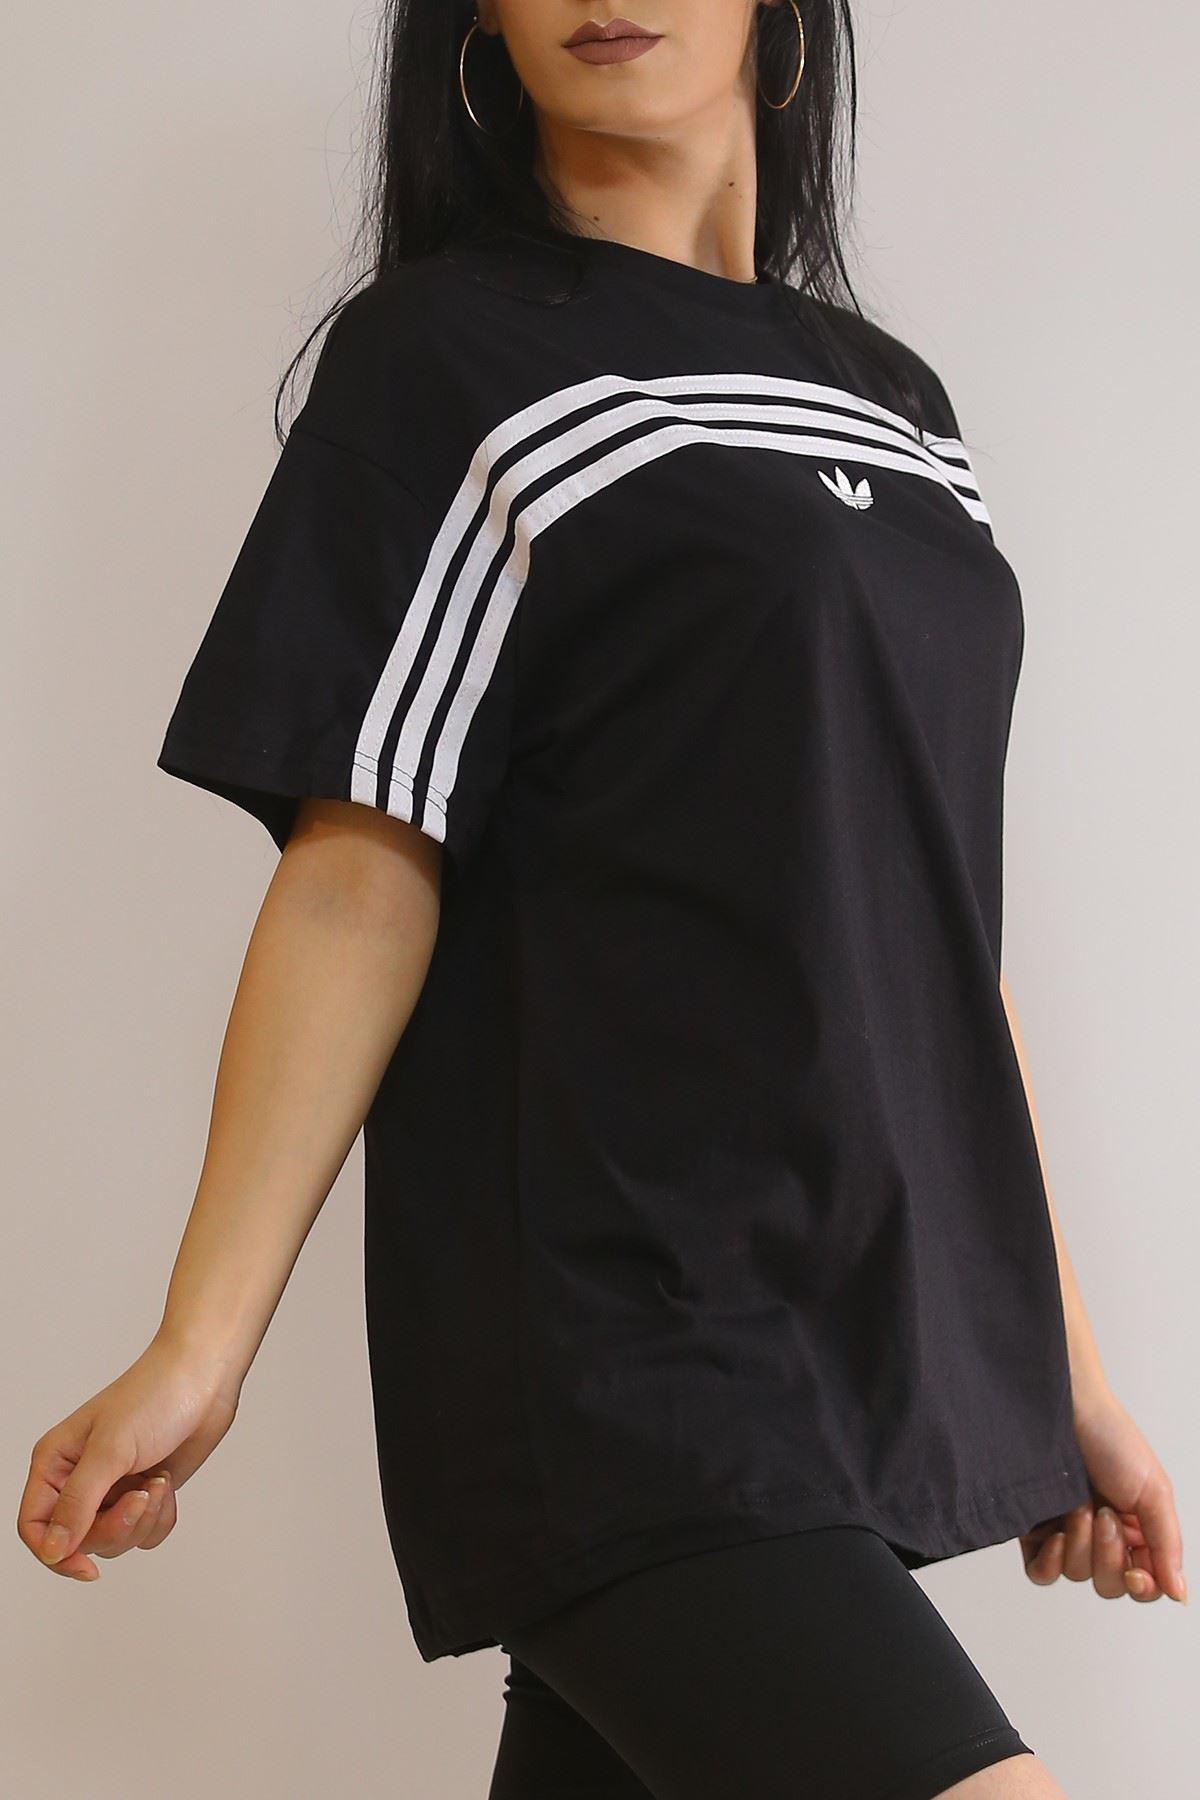 Önü Şeritli Tişört Siyah - 5968.1377.